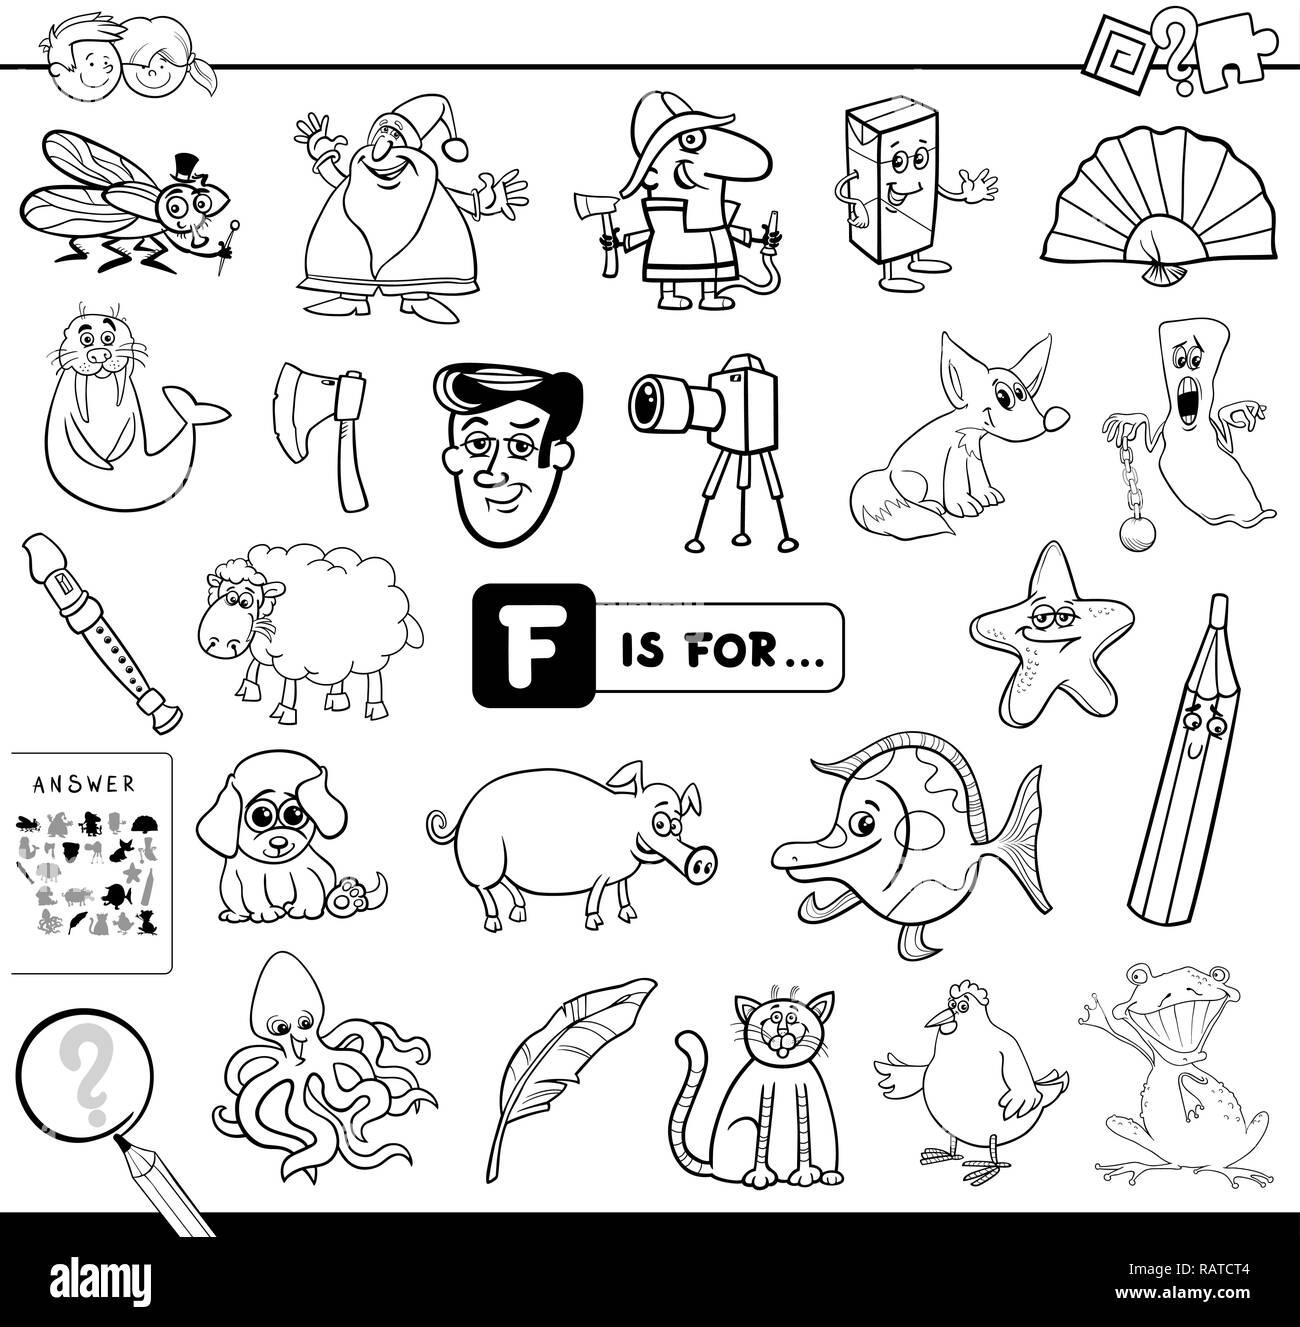 Ilustración Caricatura En Blanco Y Negro De Encontrar La Imagen Que